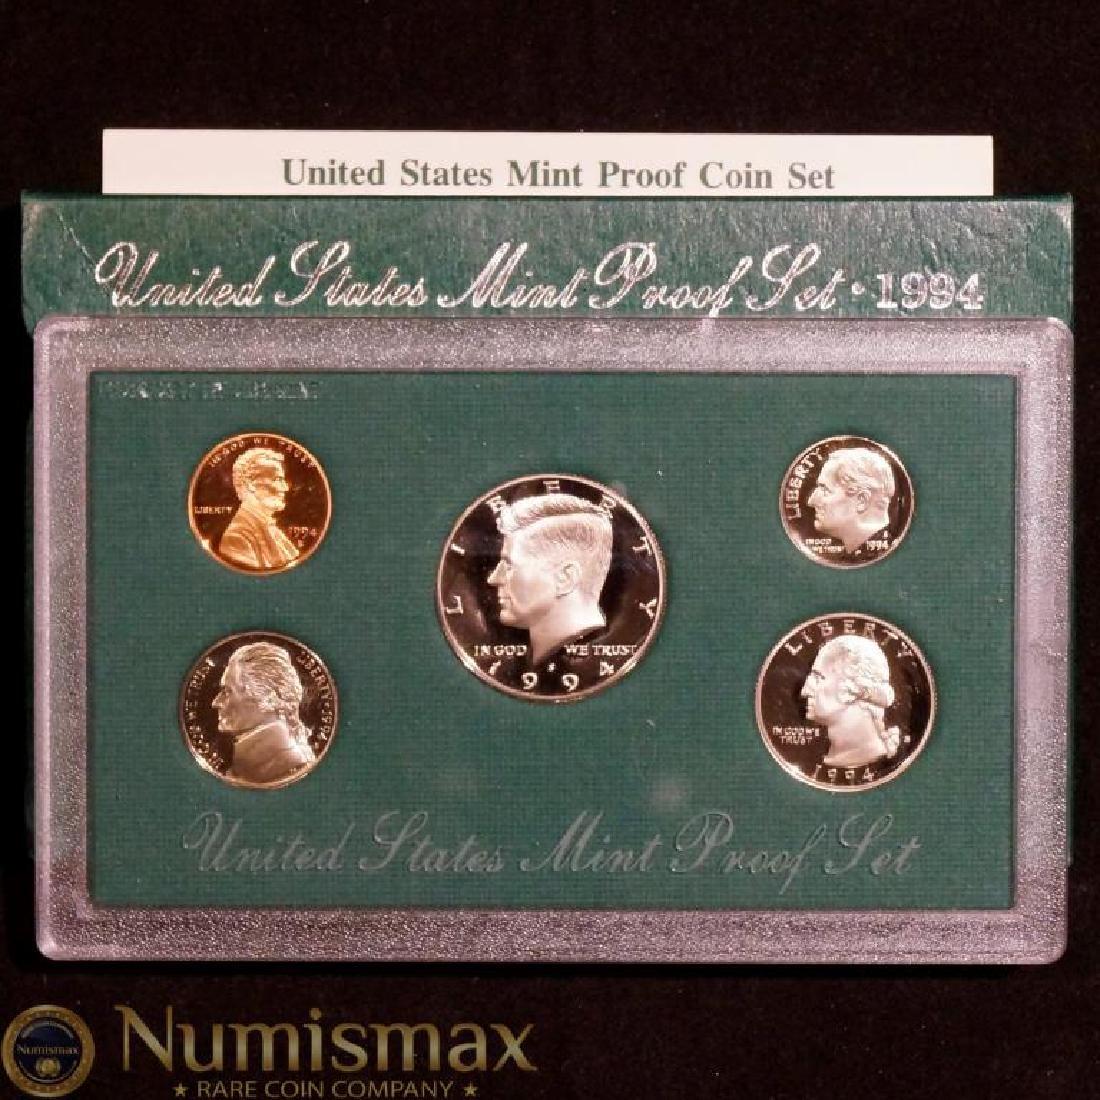 FOUR 1990s US MINT PROOF SETS - 10